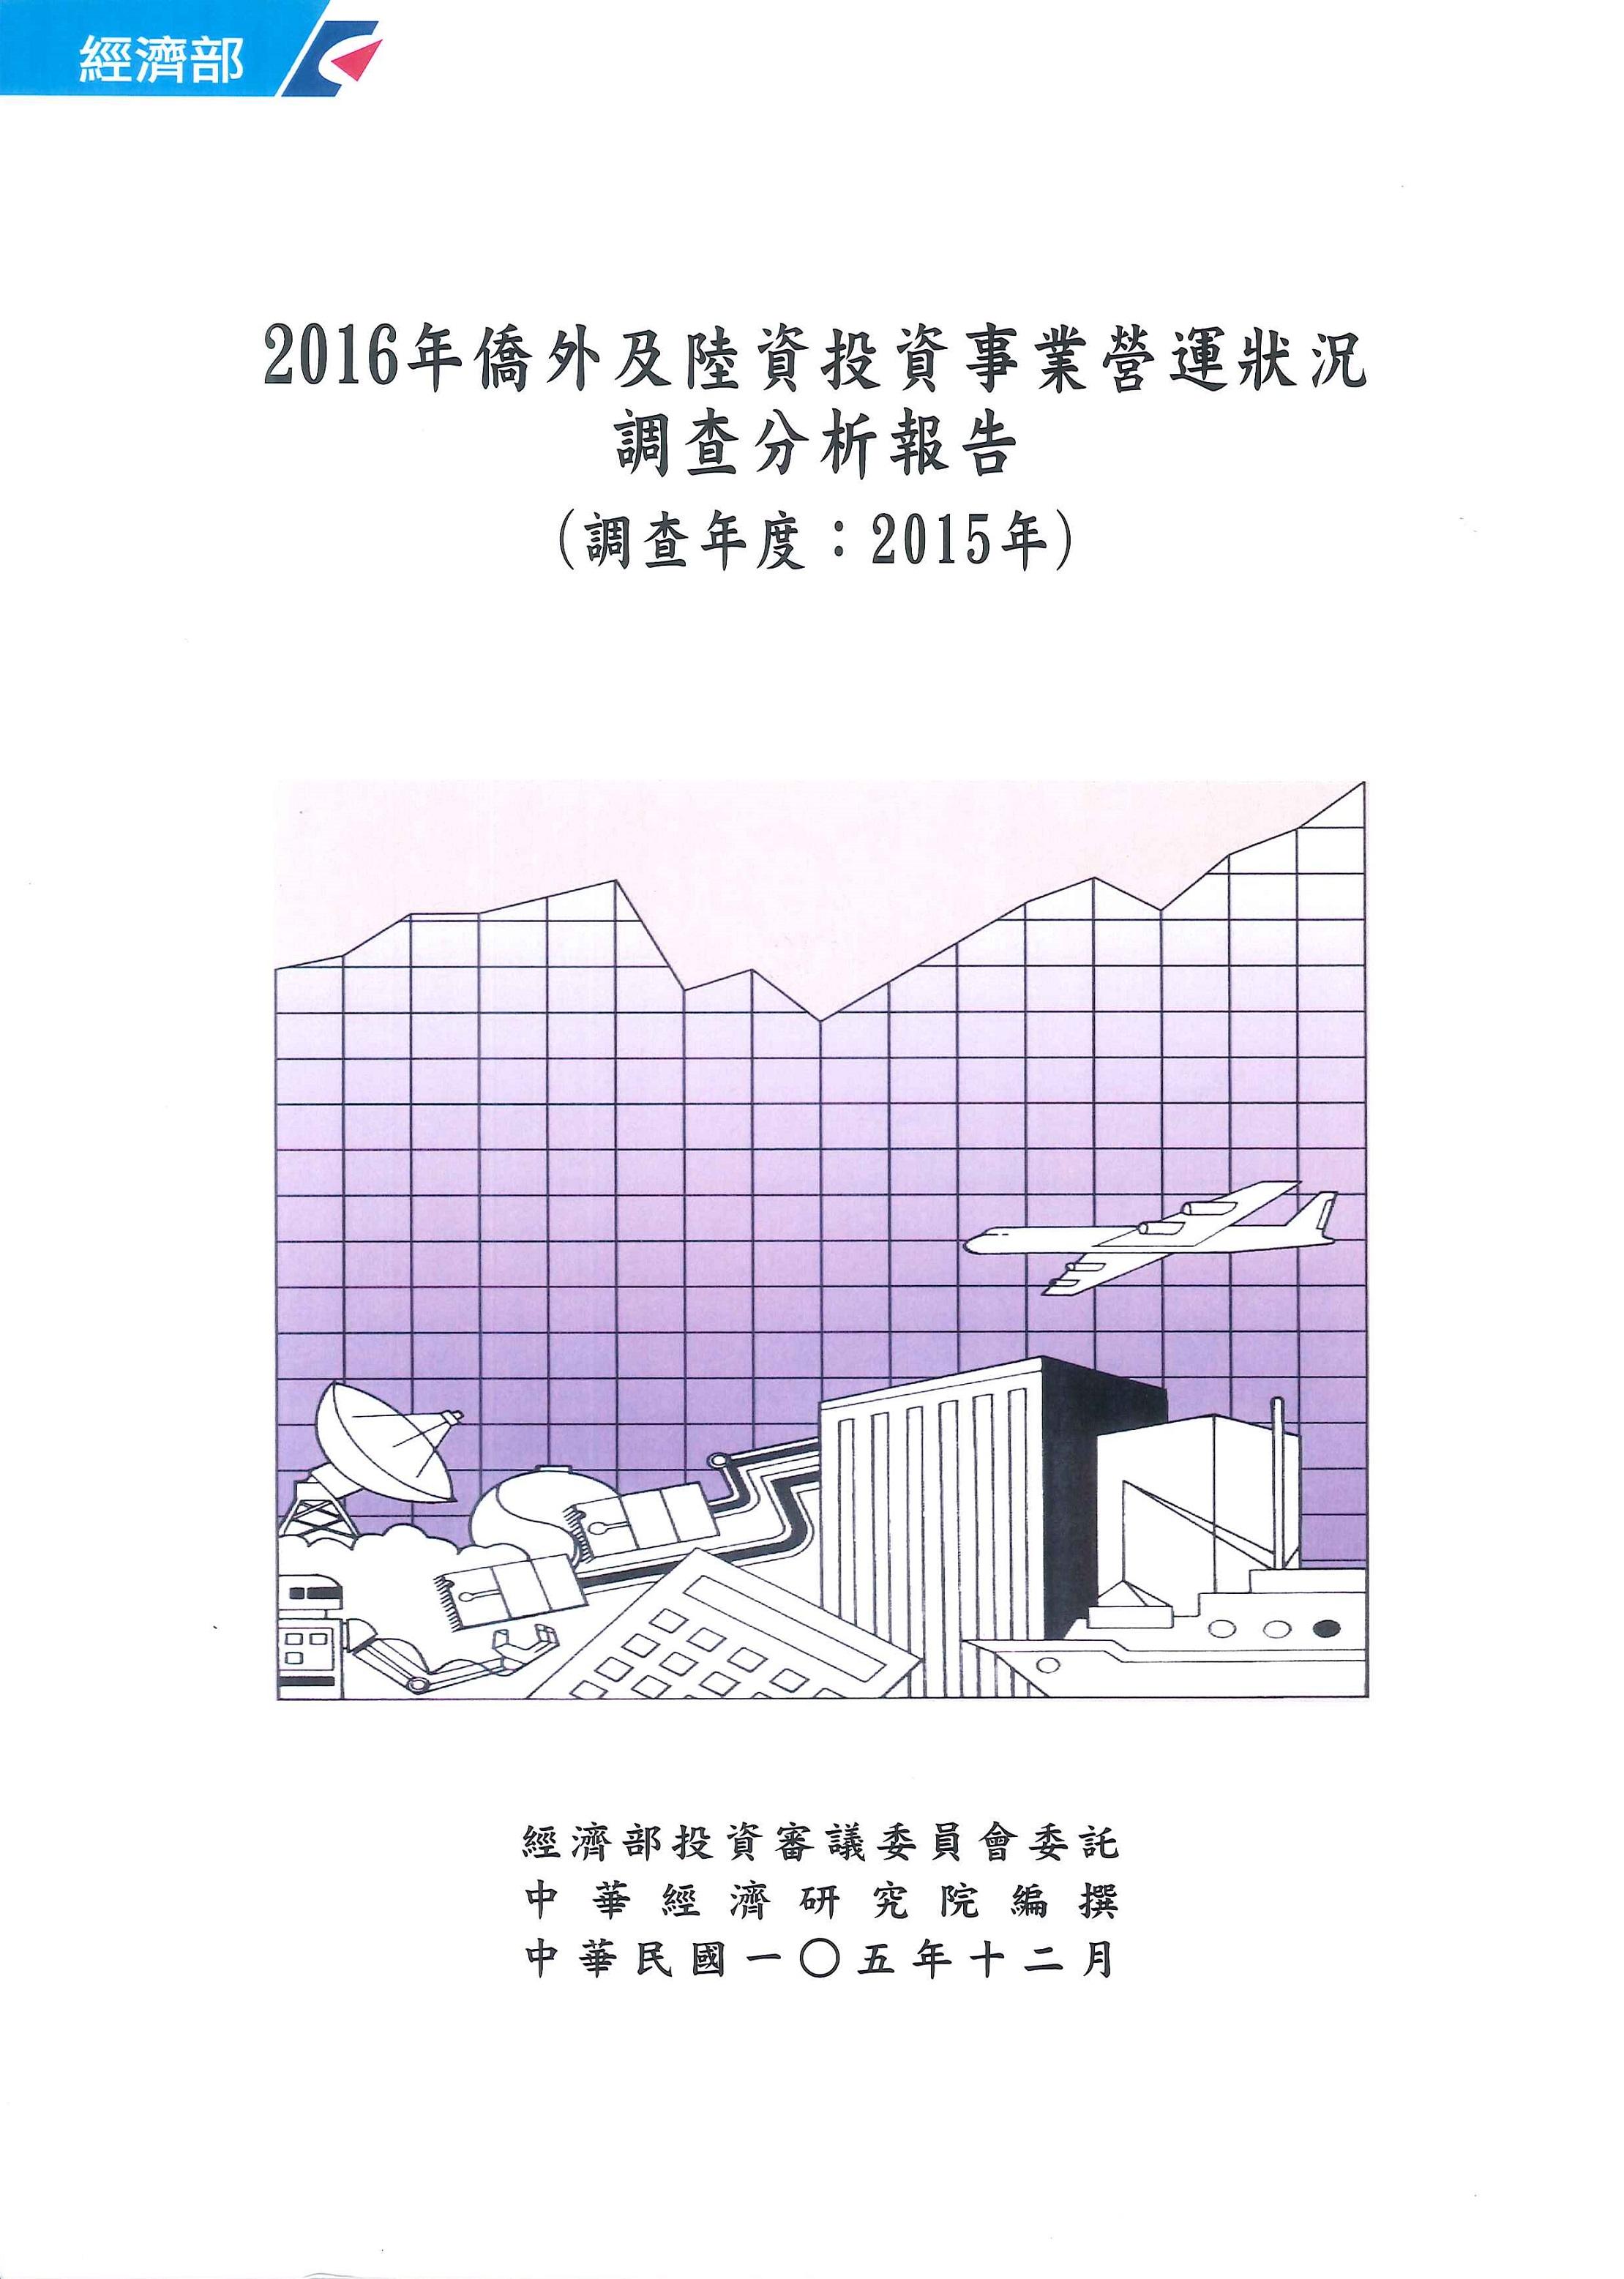 僑外及陸資投資事業營運狀況調查分析報告